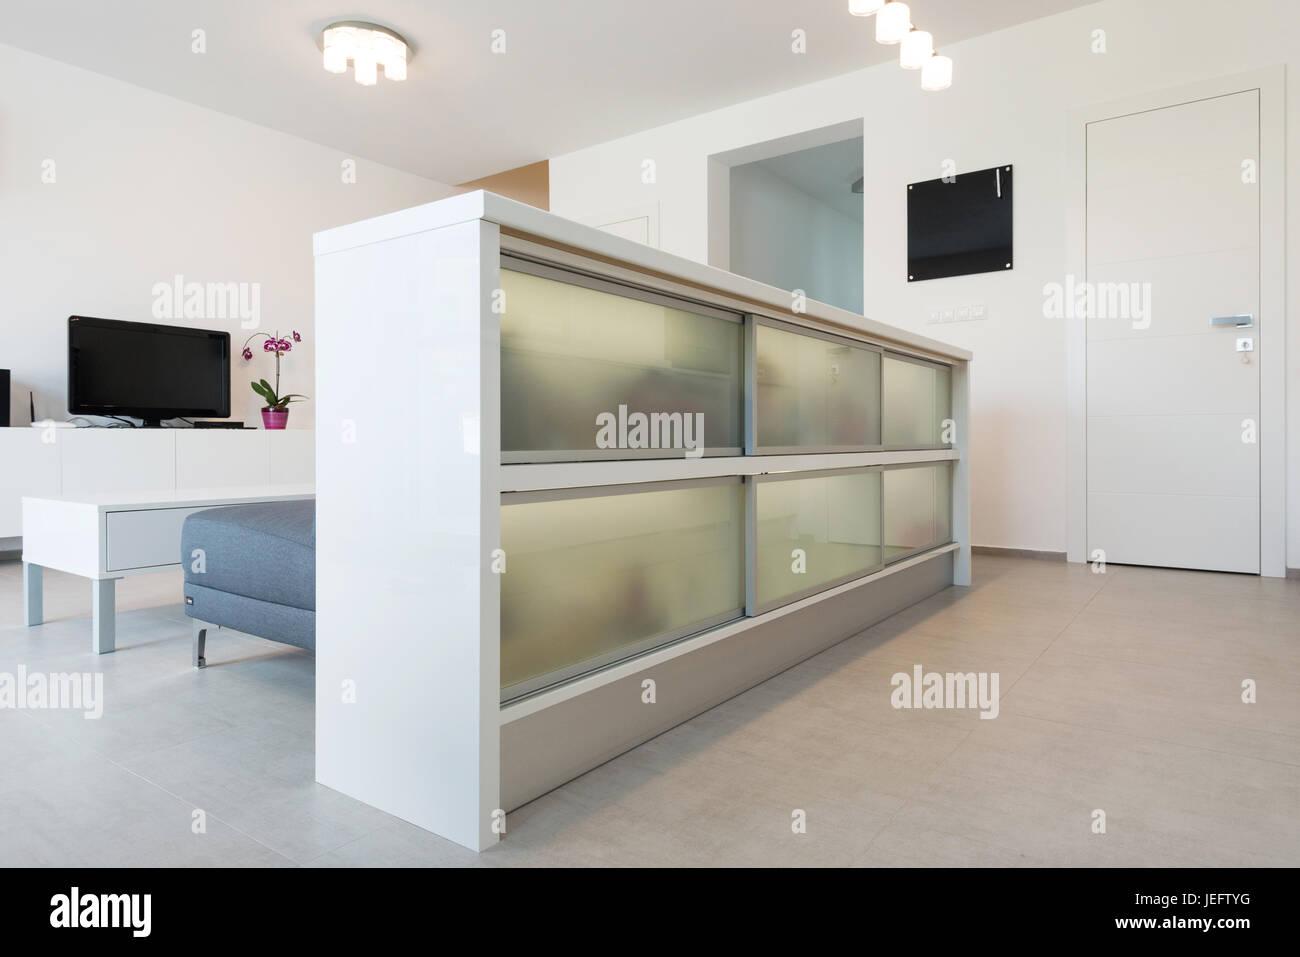 Schrank, die Trennung von Küche und Wohnzimmer im modernen Haus